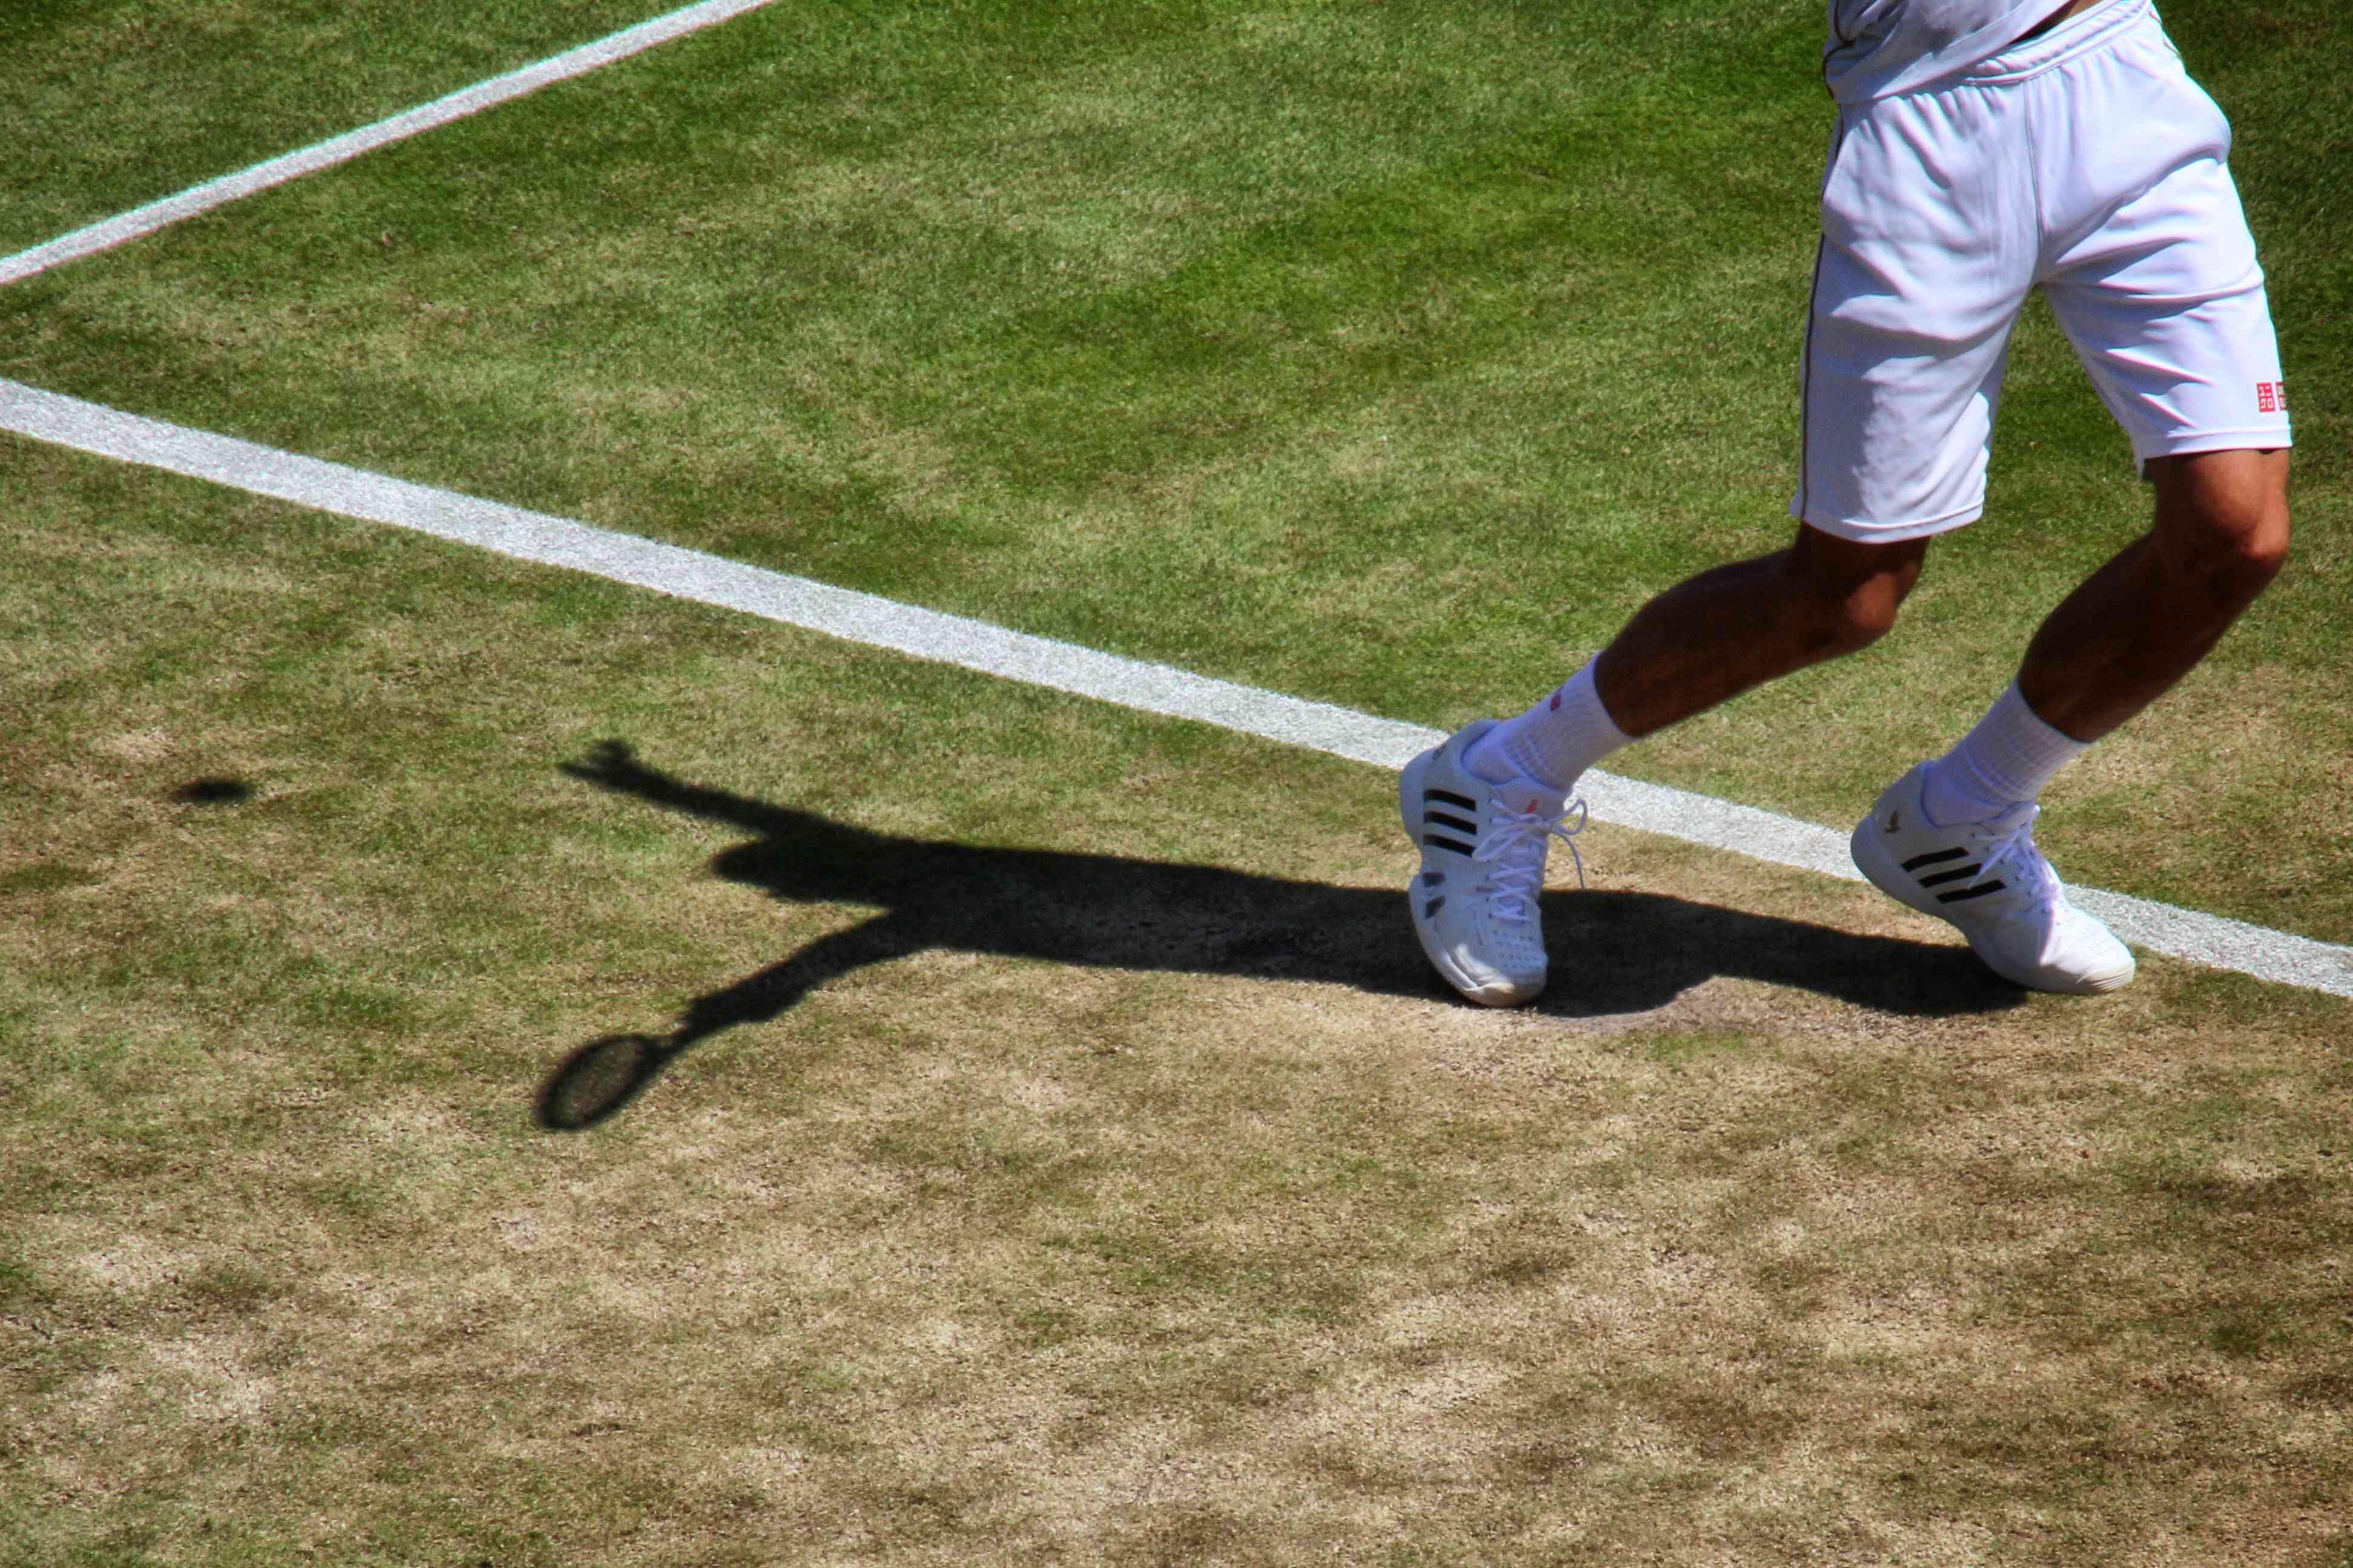 Wimbledon Jocko shadow_Snapseed